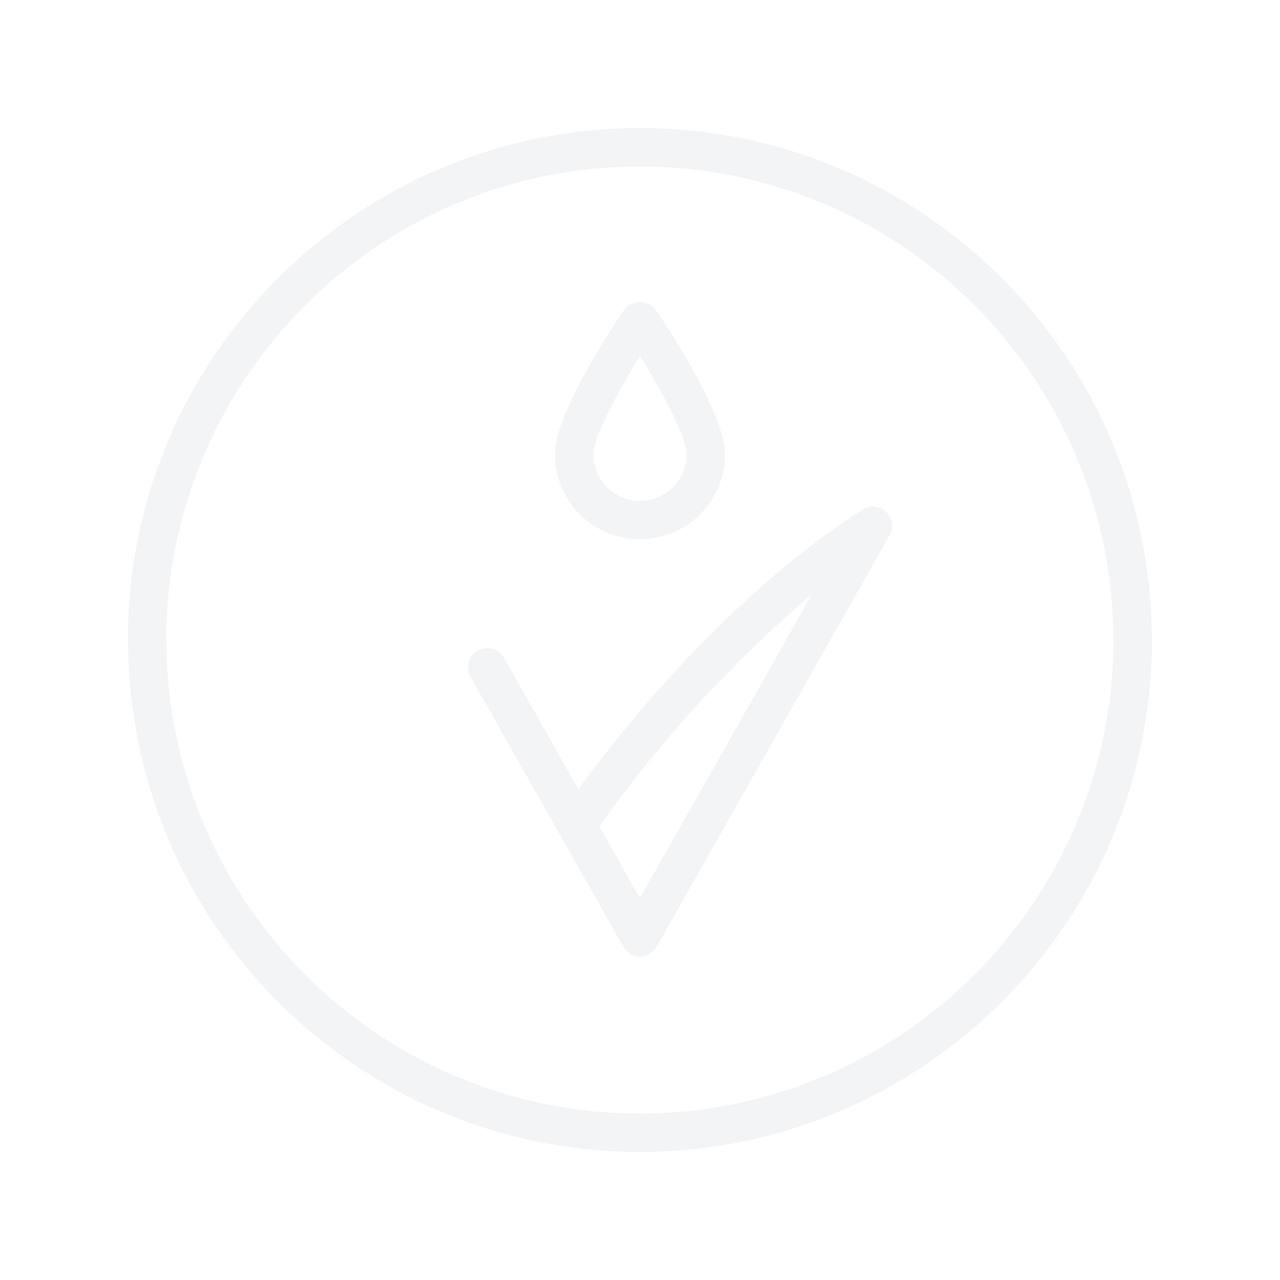 NUXE Reve de Miel Ultra-Nourishing Lip Balm 15g